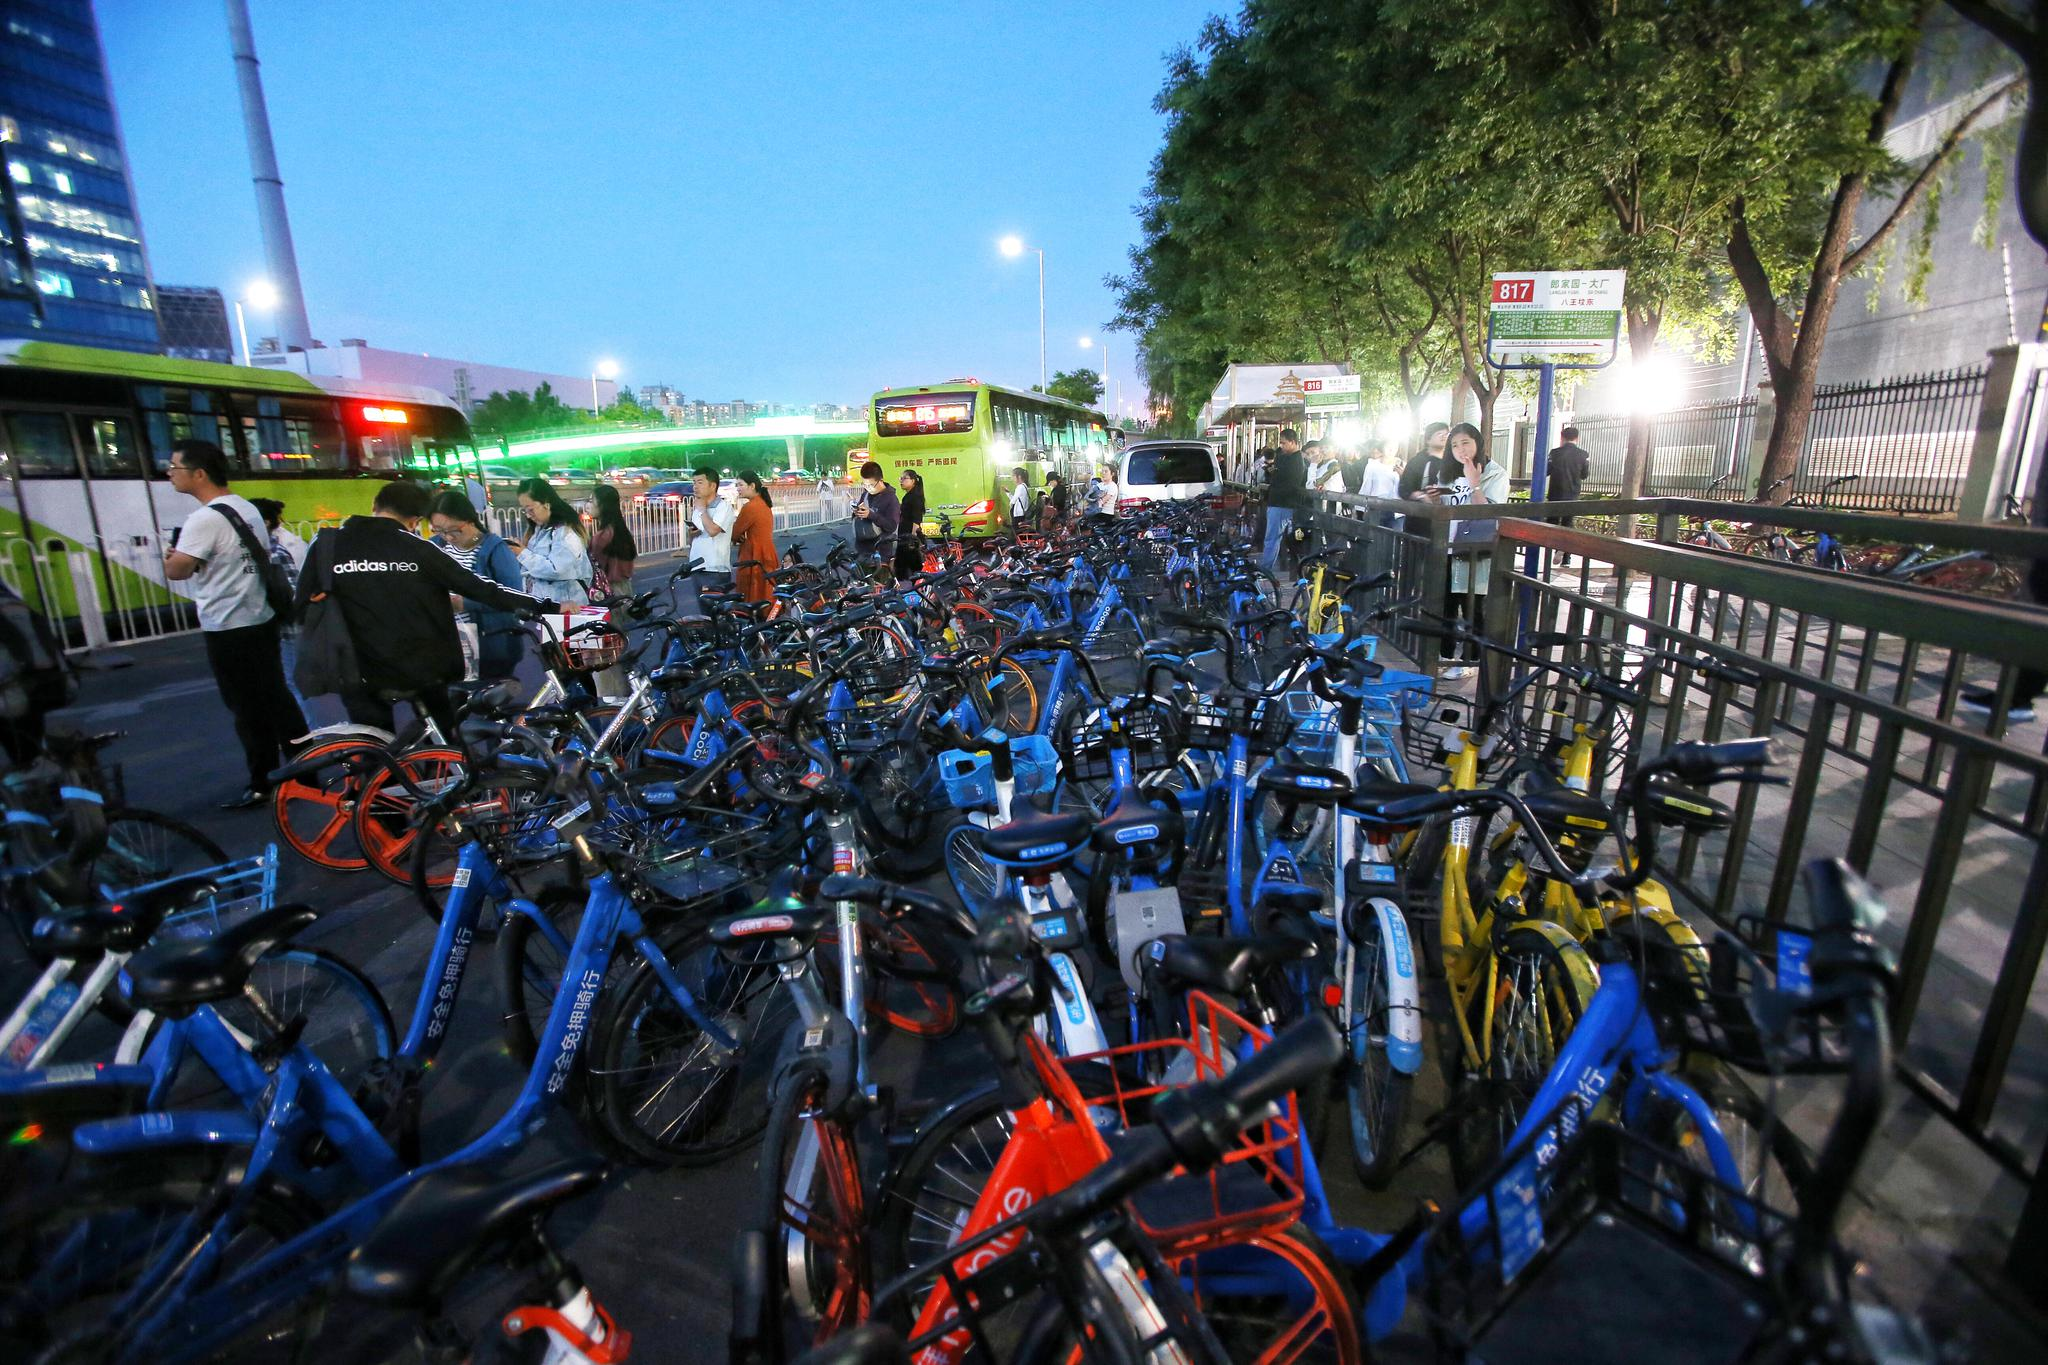 北京同享单车监管难题仍存:乱停放无人管理沦为废物